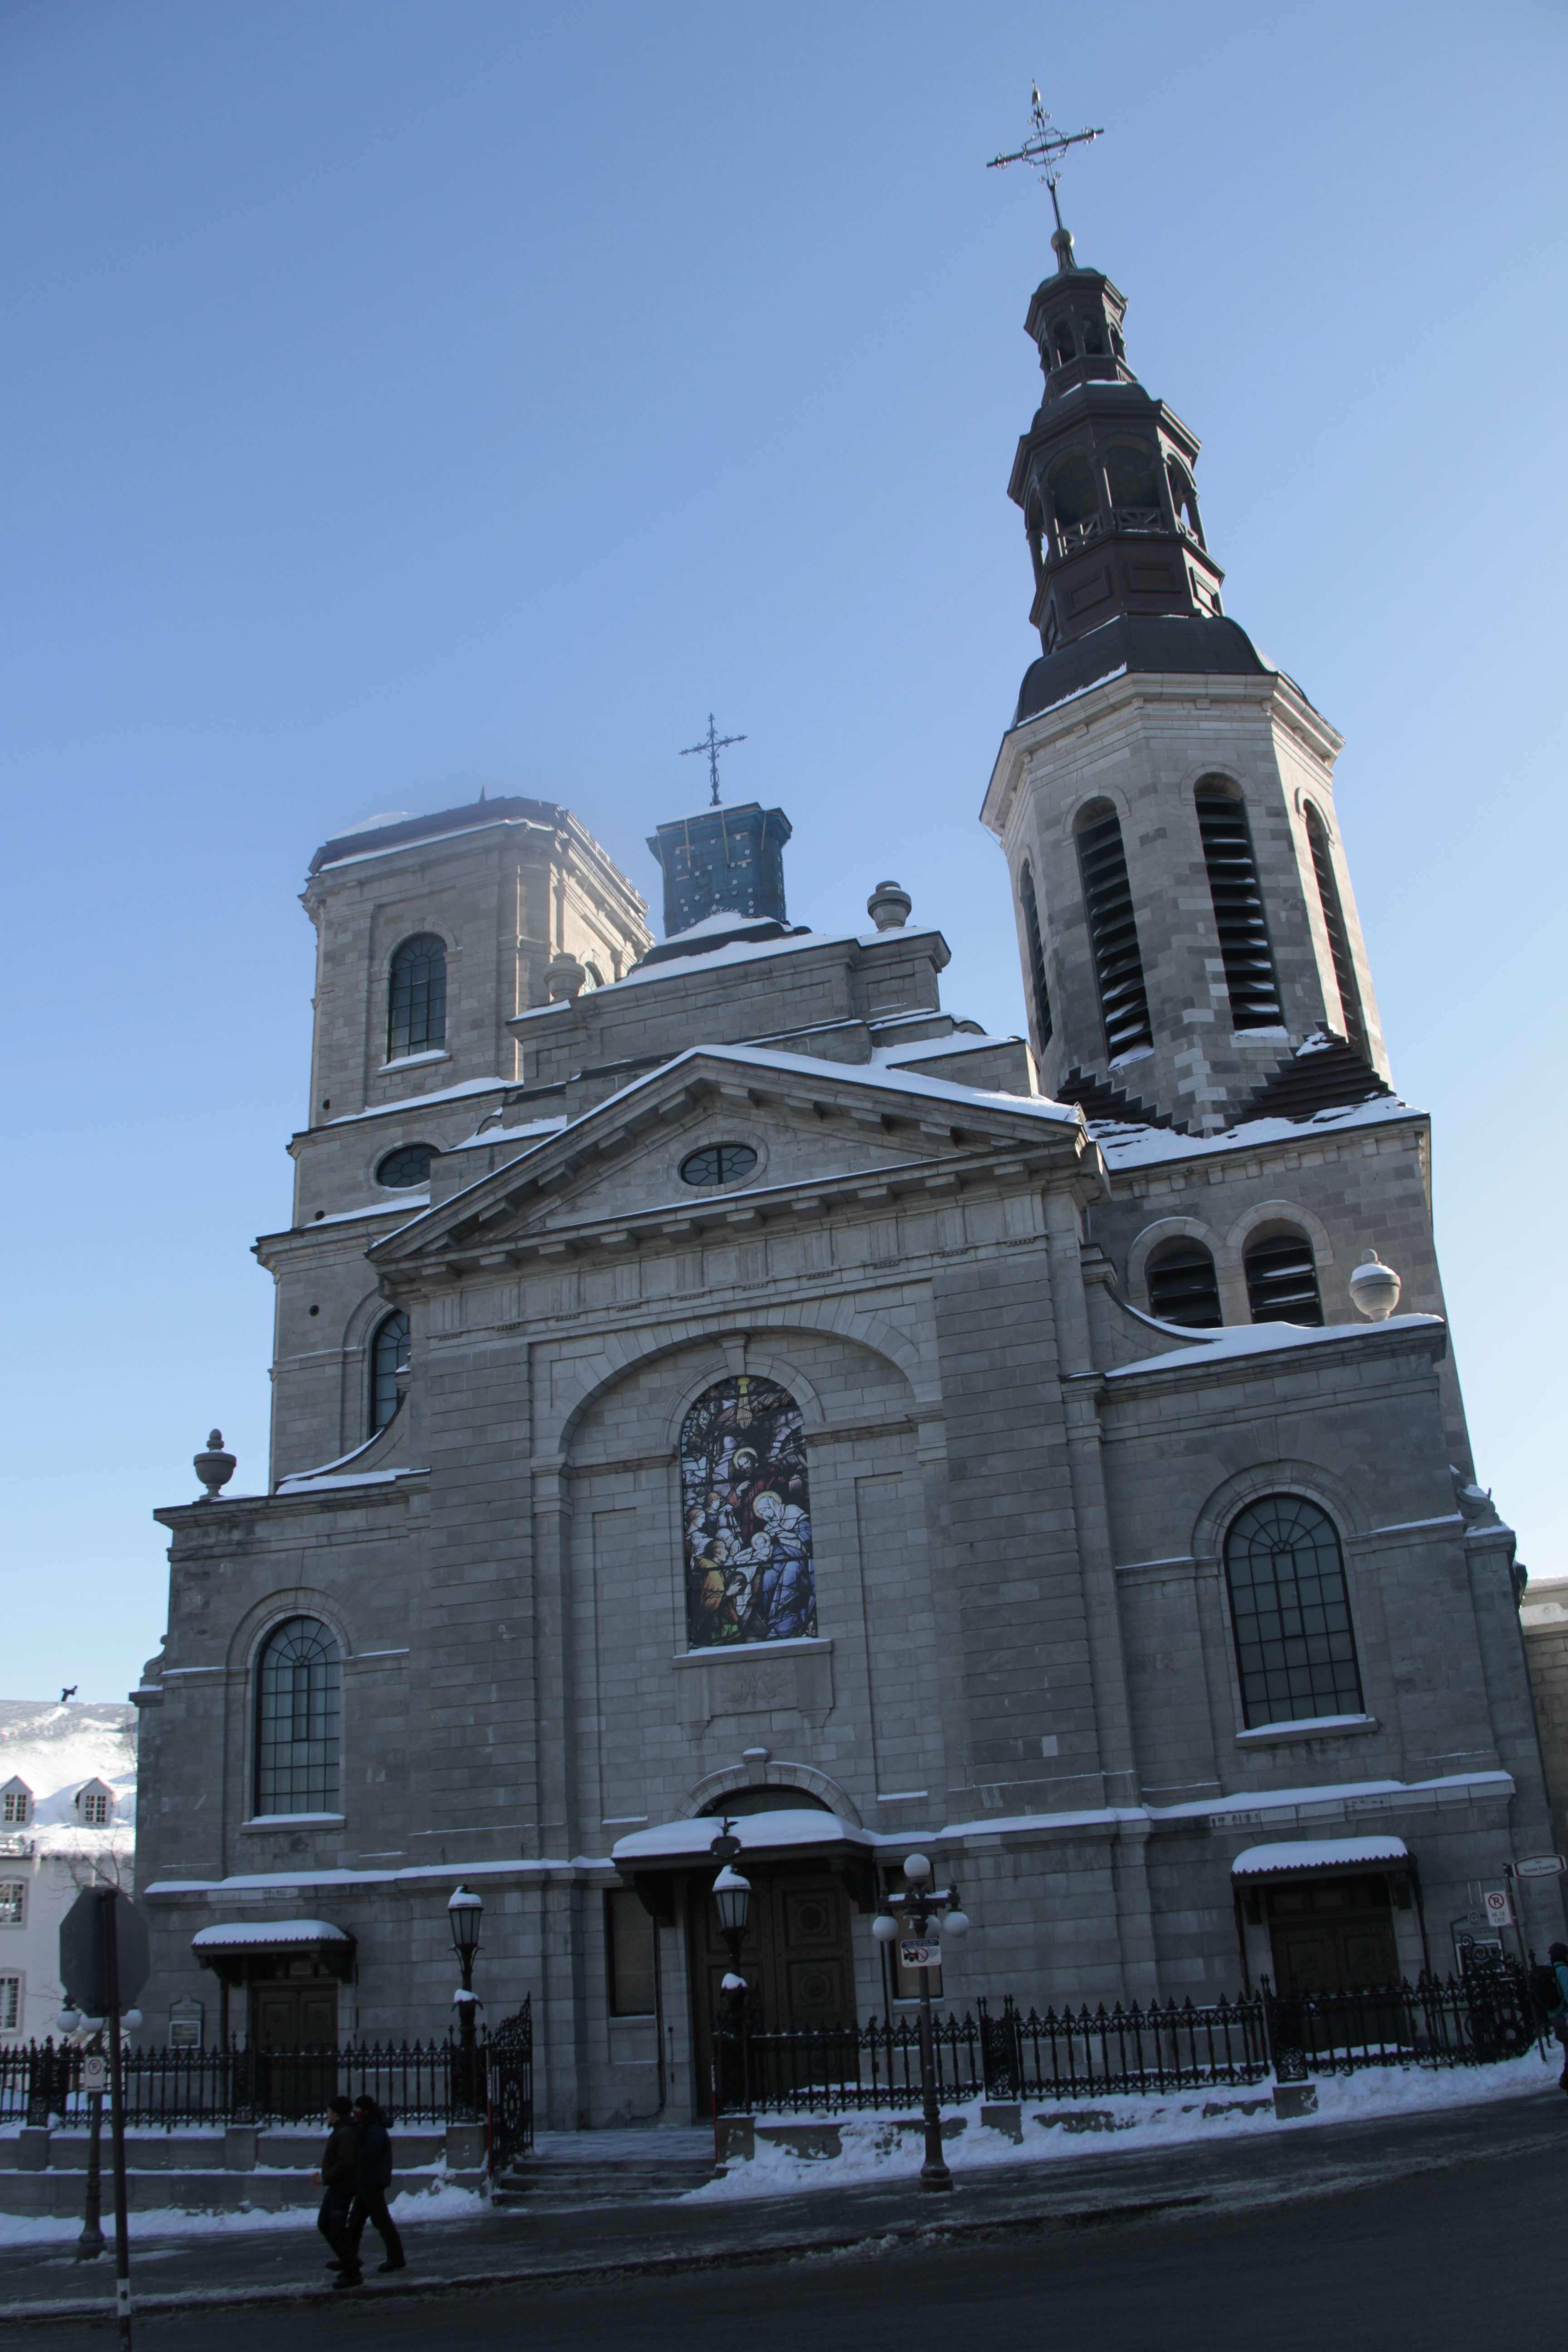 Quebec fevrier 2018_0009 basilique cathedrale Notre Dame